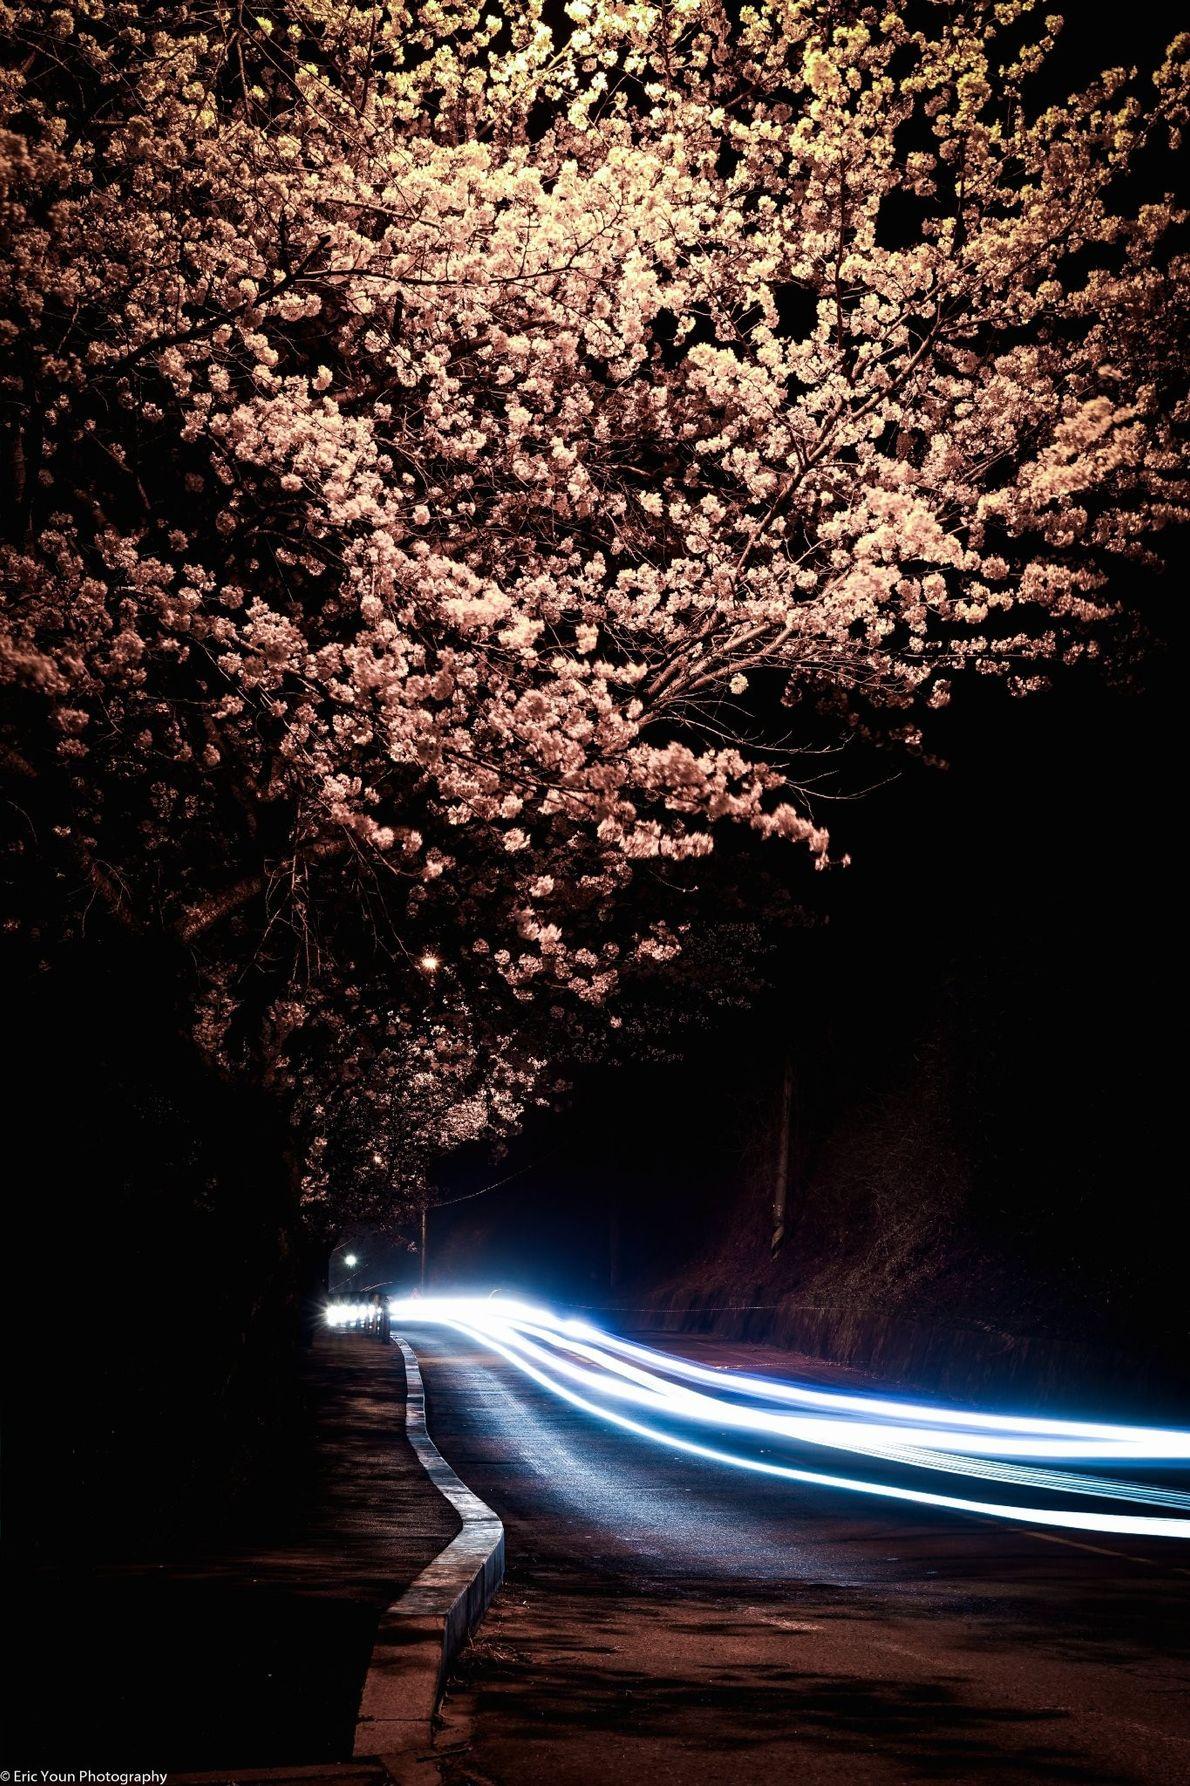 Árvore junto a uma estrada à noite